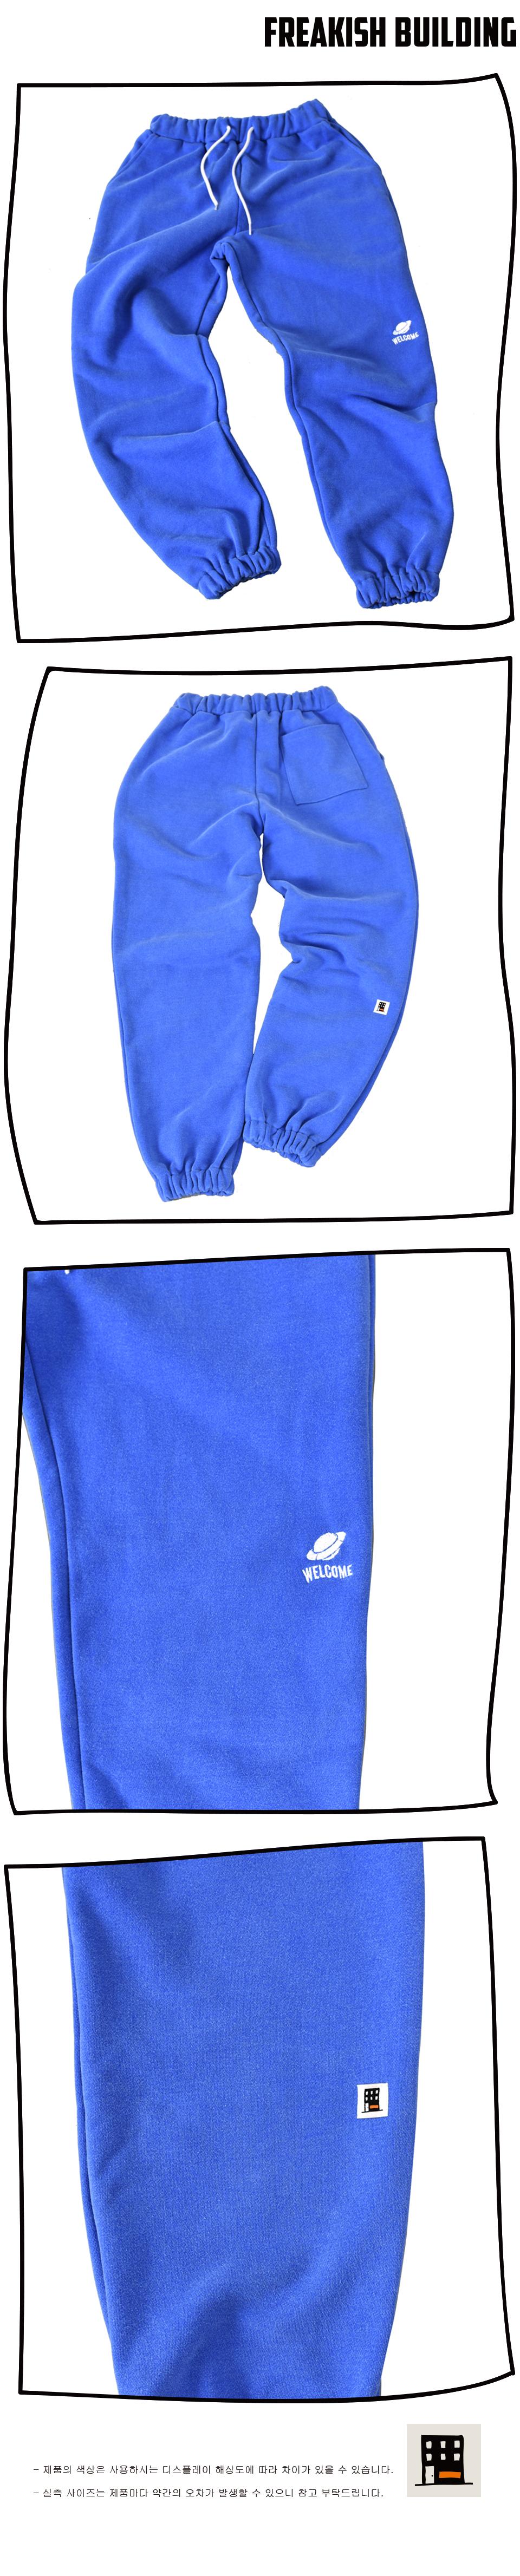 #04 DRAIN SWEAT LONG PANTS (BLUE) 03.jpg